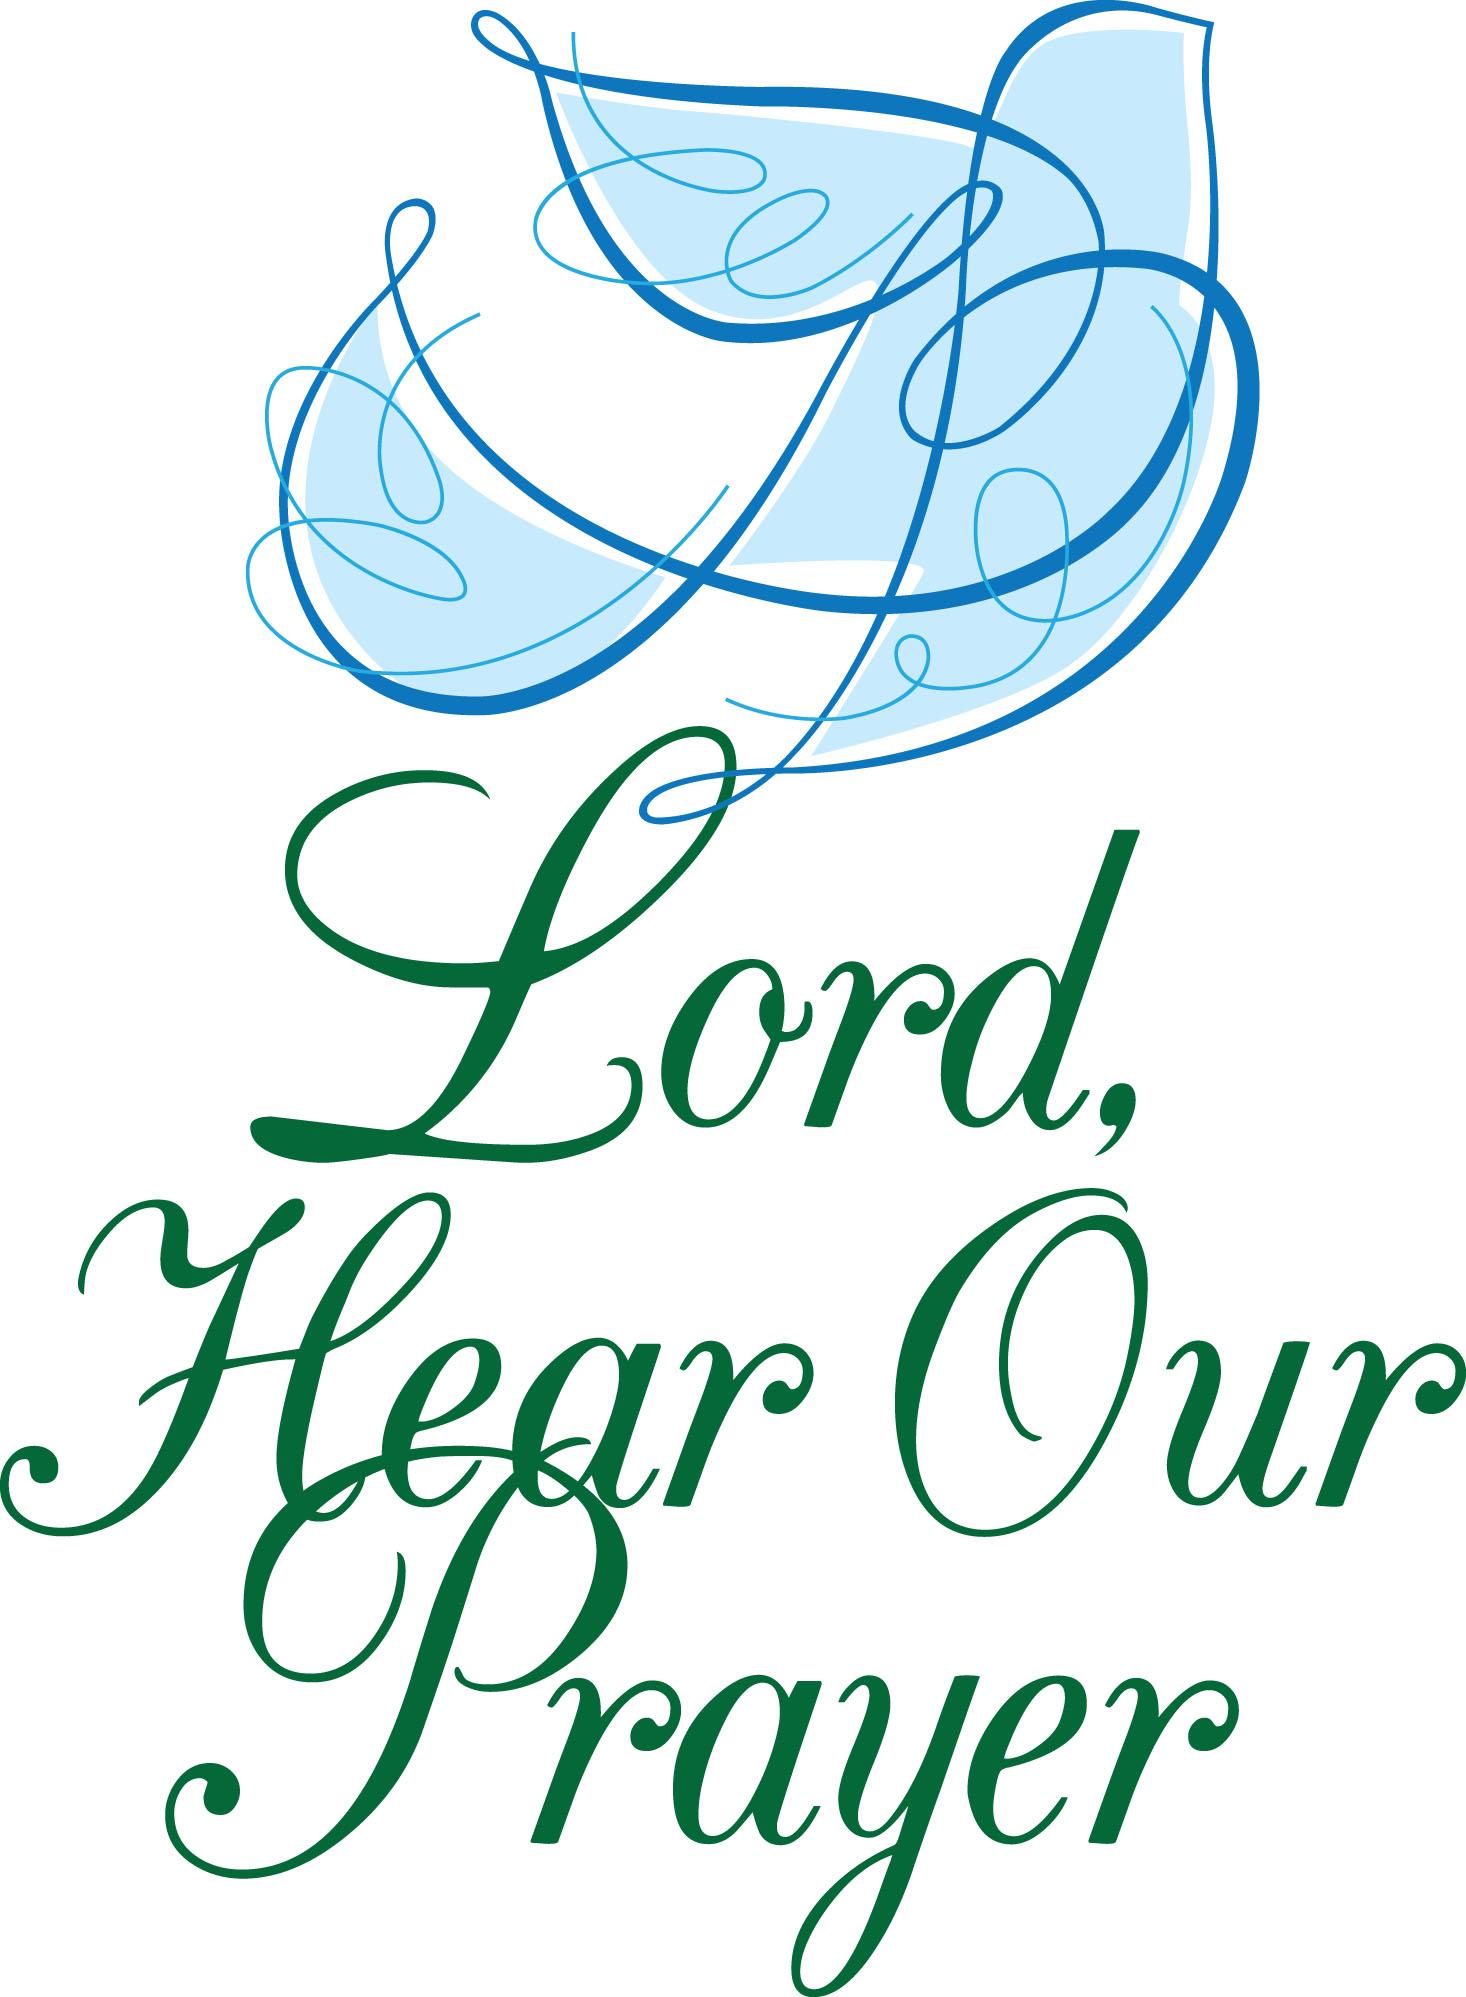 Evening prayer clipart.